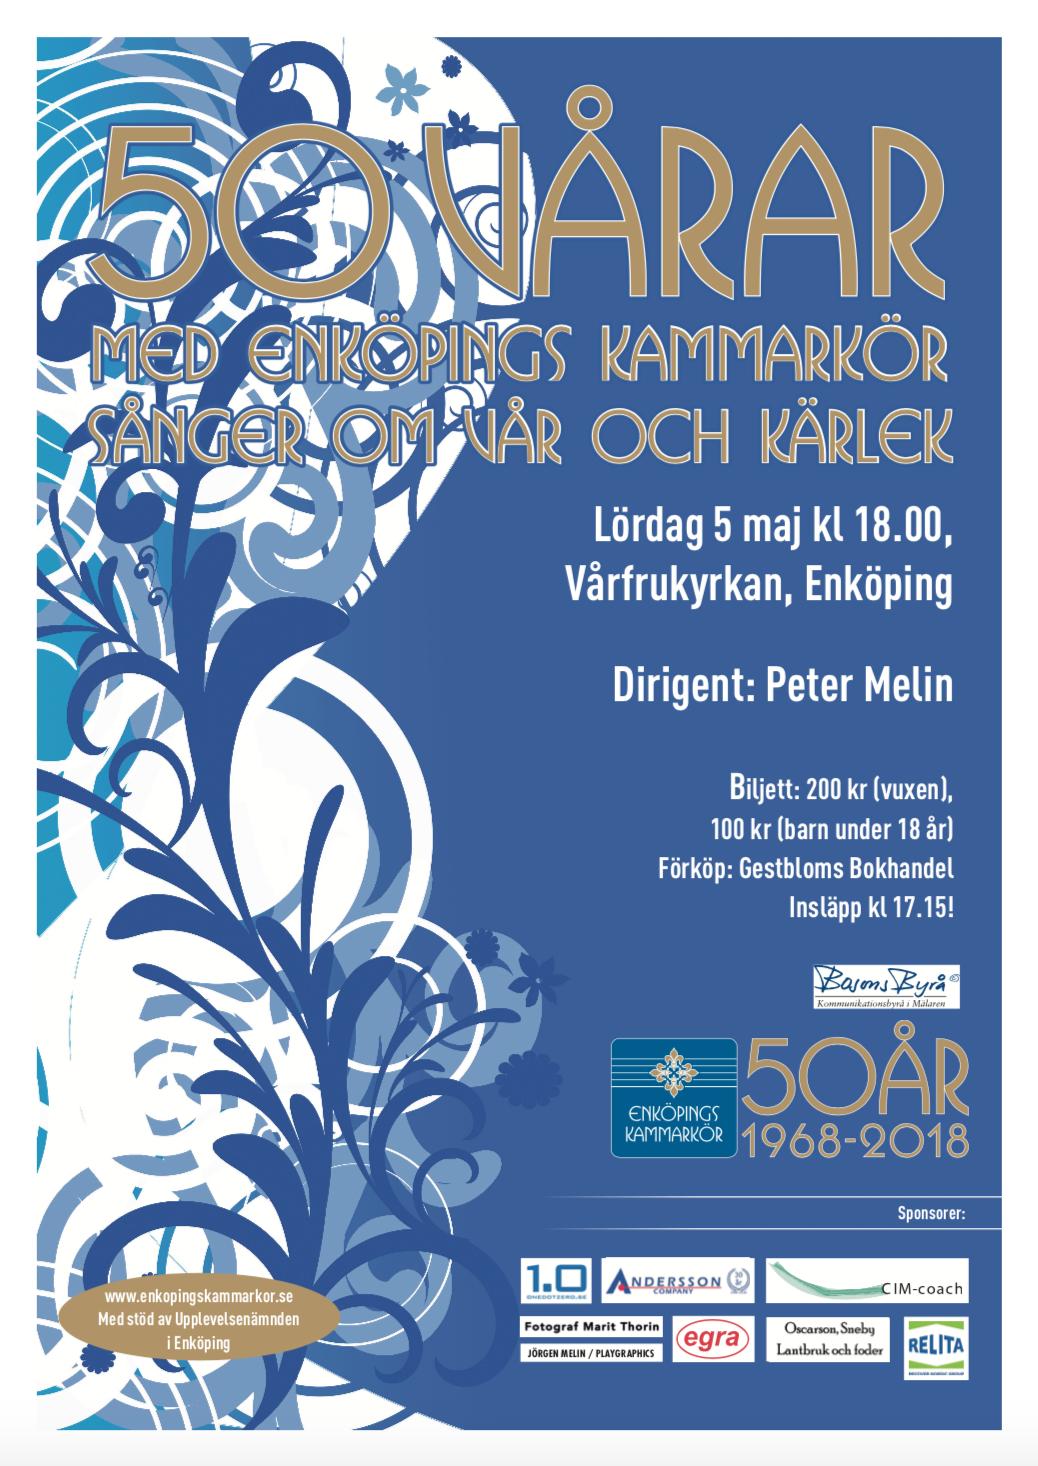 2018-affisch-jubileumskonsert-2-50-varar-med-enkopings-kammarkor